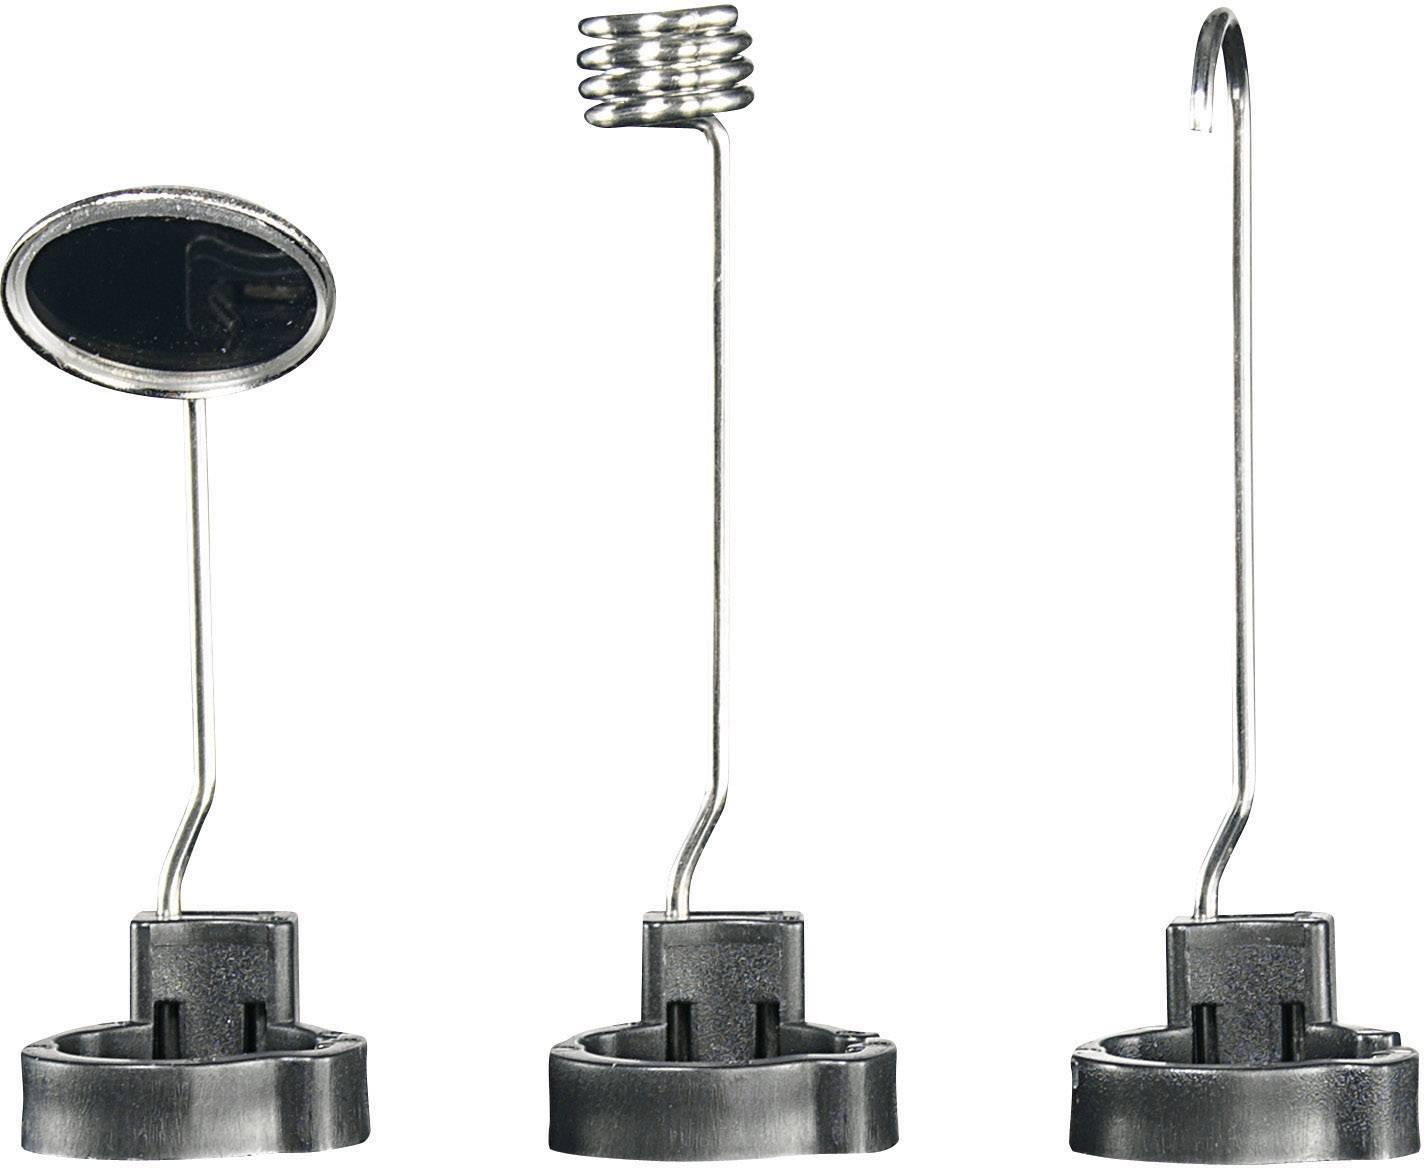 Hervorragend Zubehör-Set für VOLTCRAFT Endoskope, Ersatz-Spiegel, -Magnet und  RI04